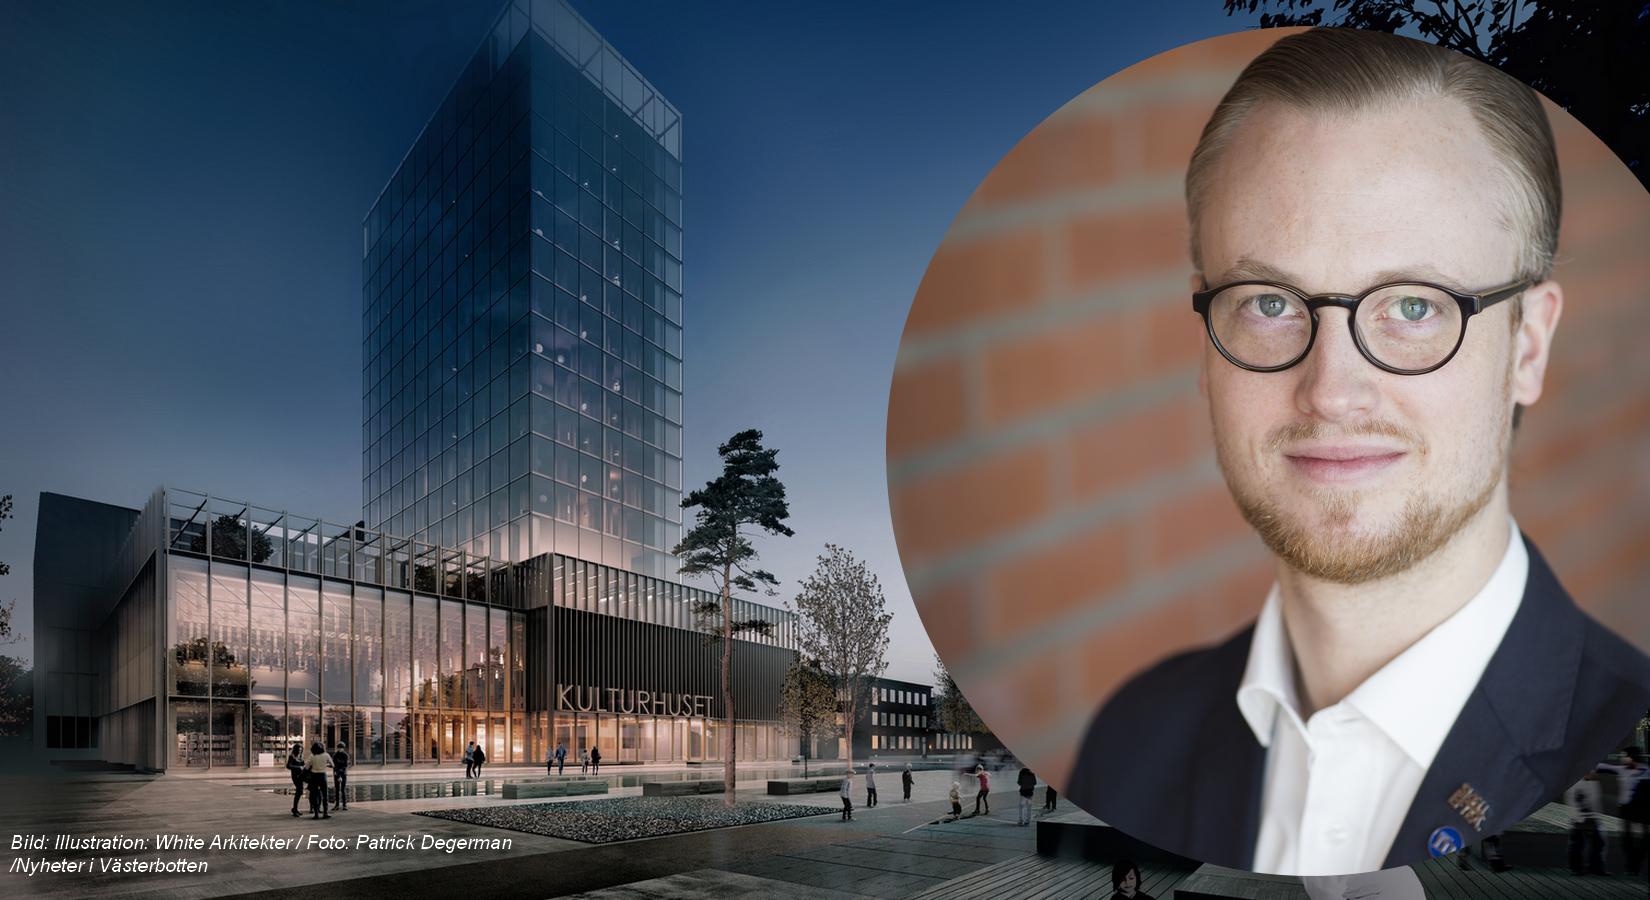 Miljonfördyringar för Skellefteås kulturhus – oppositionsrådet oroad